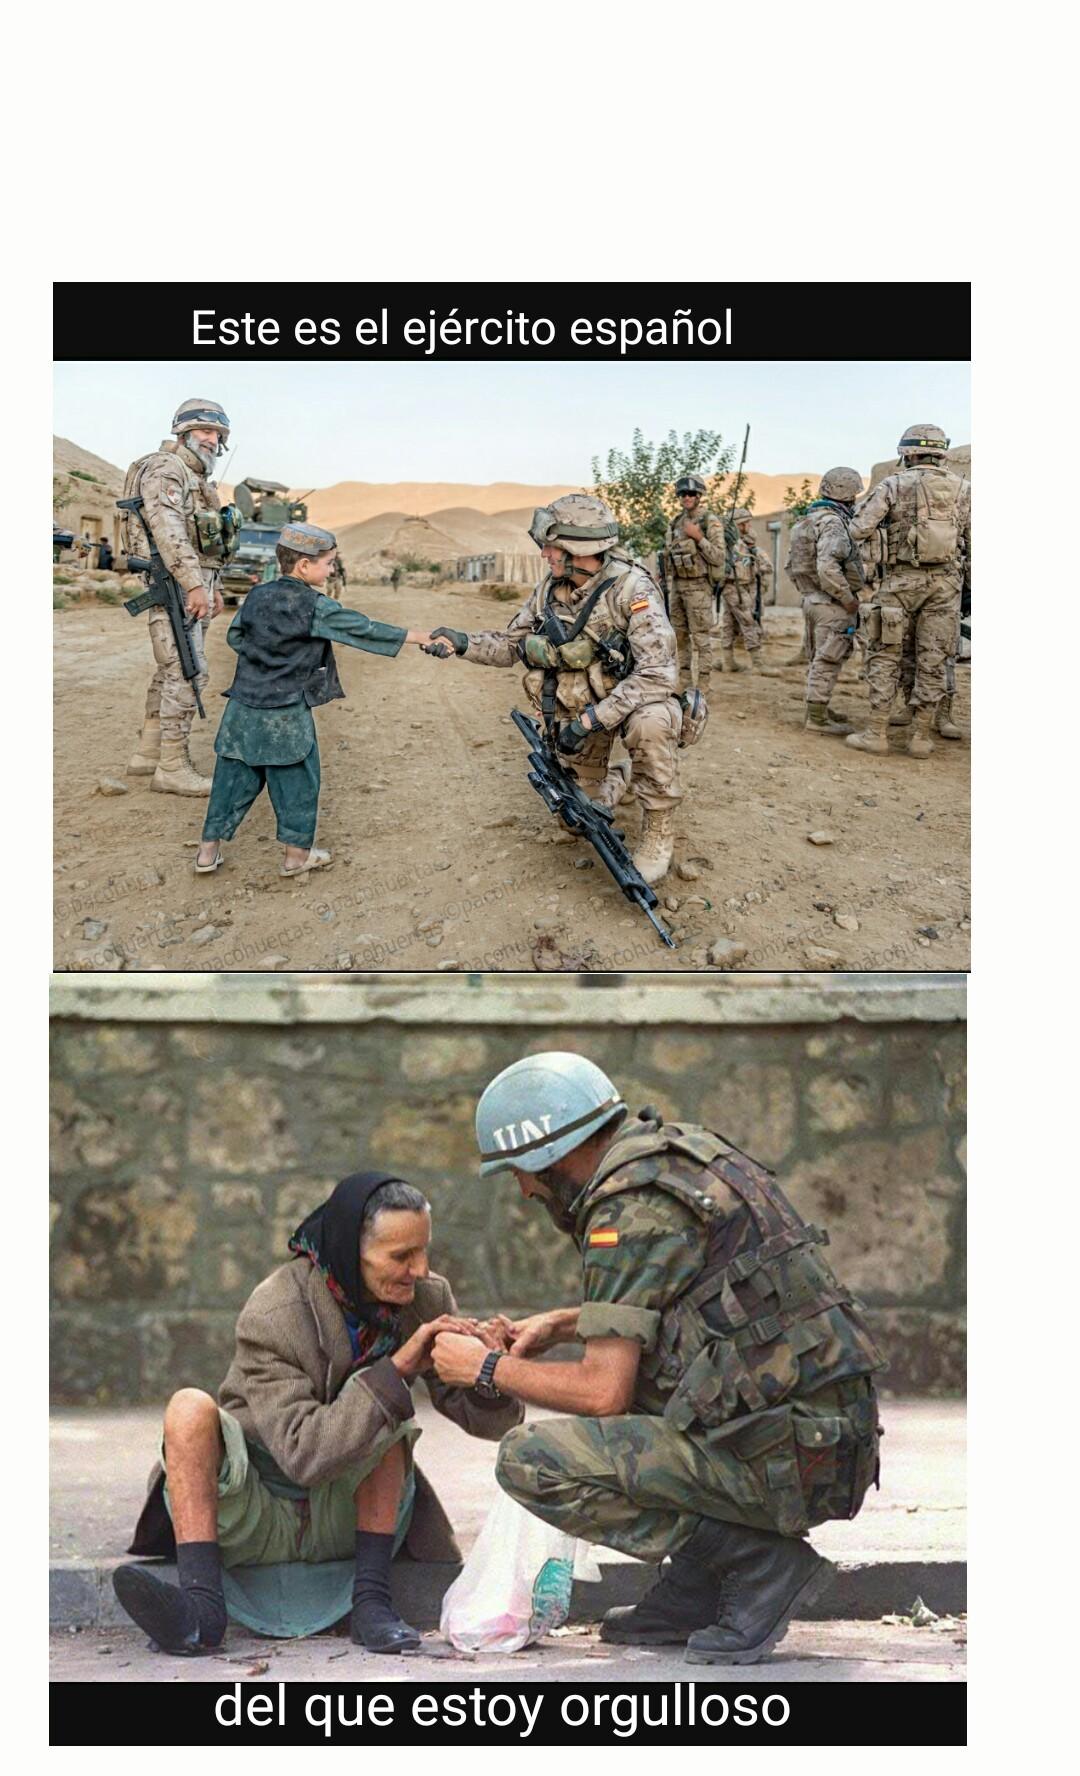 Éste es el ejército español - meme